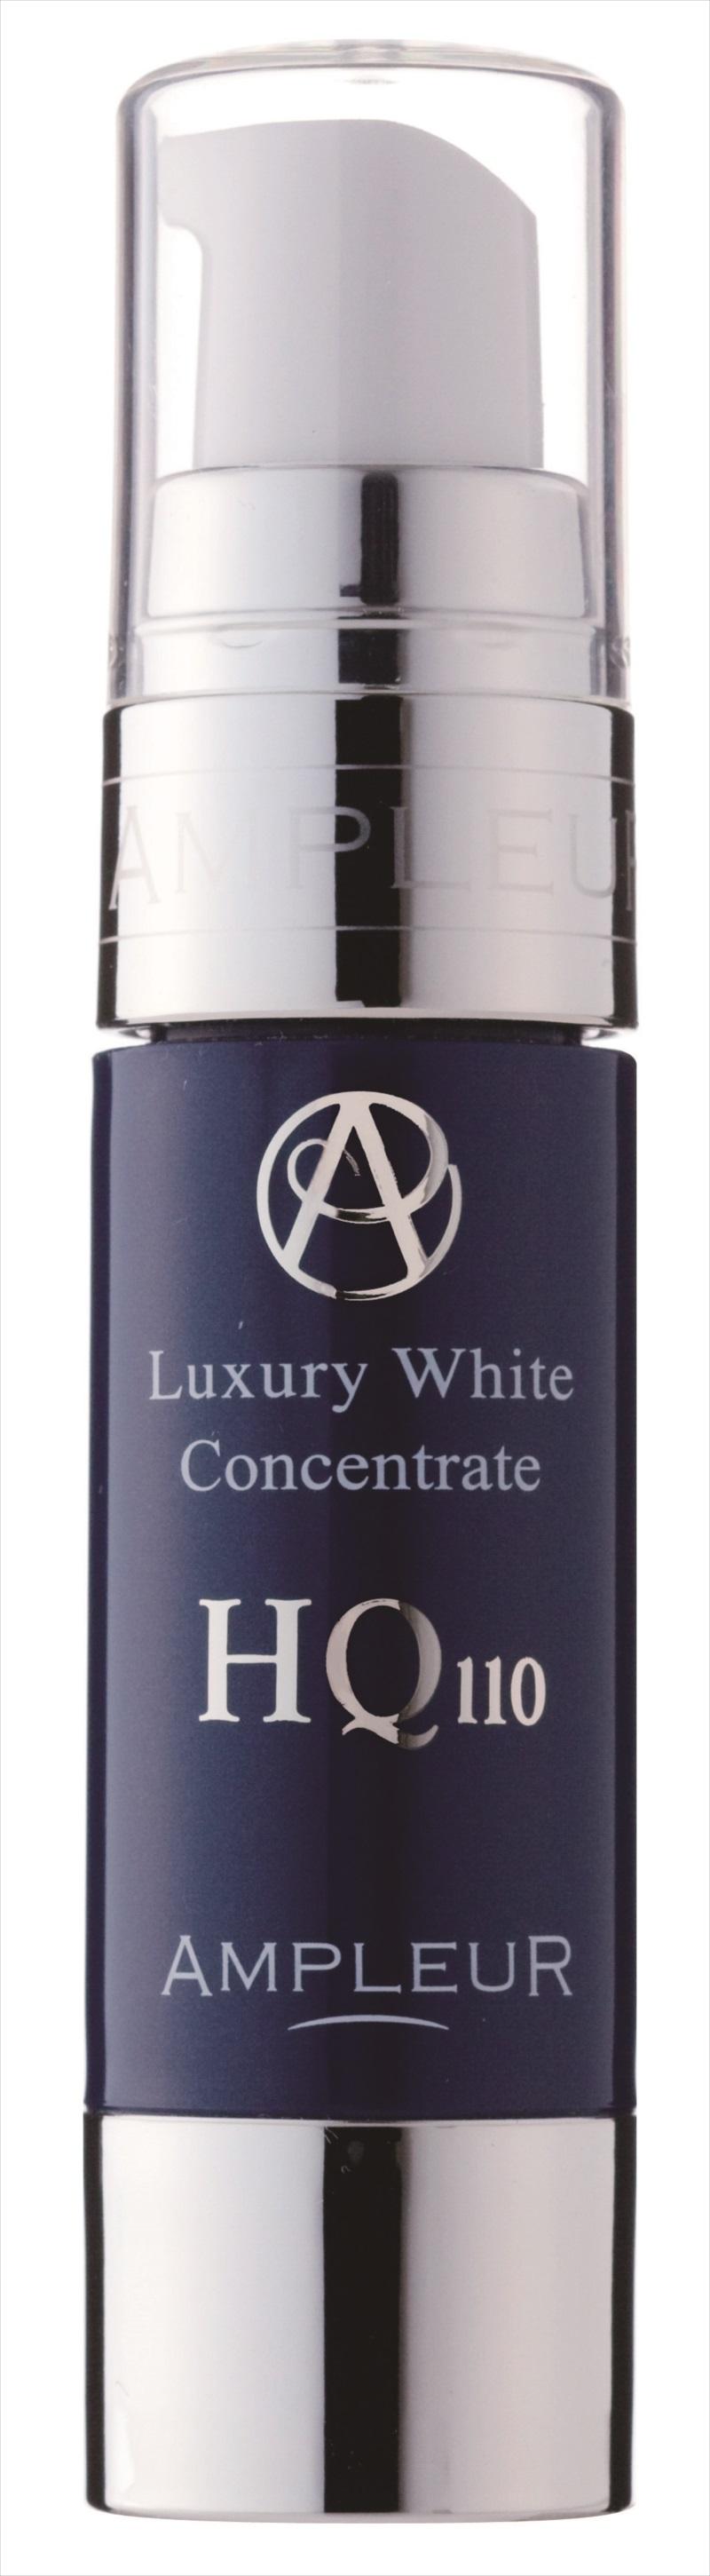 アンプルール ラグジュアリーホワイト コンセントレートHQ110商品画像